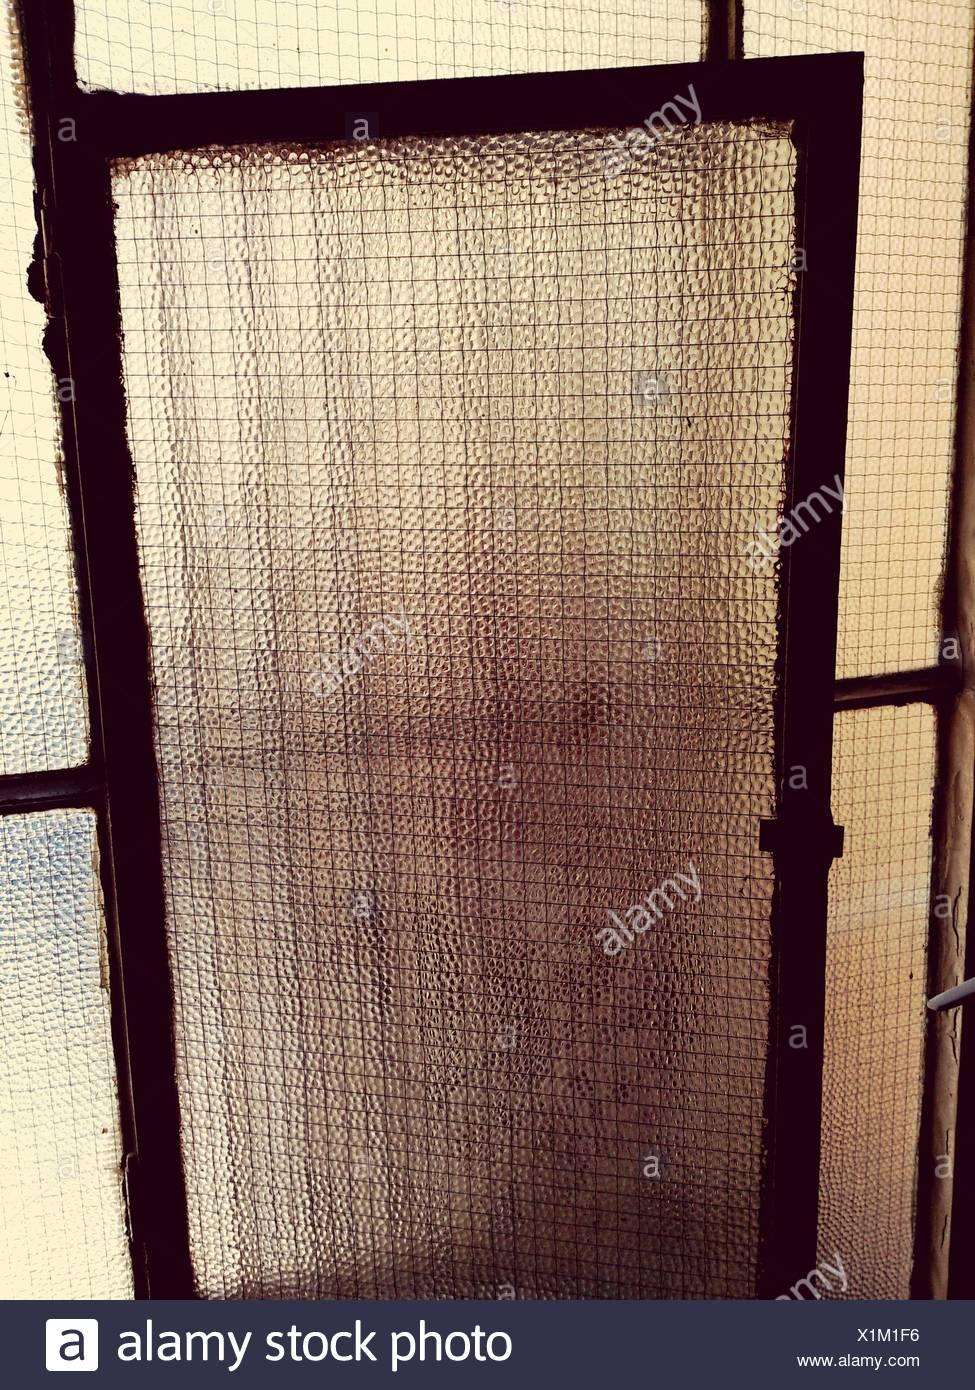 Detail Of Wire-Reinforced Glass Window Stock Photo: 276420794 - Alamy